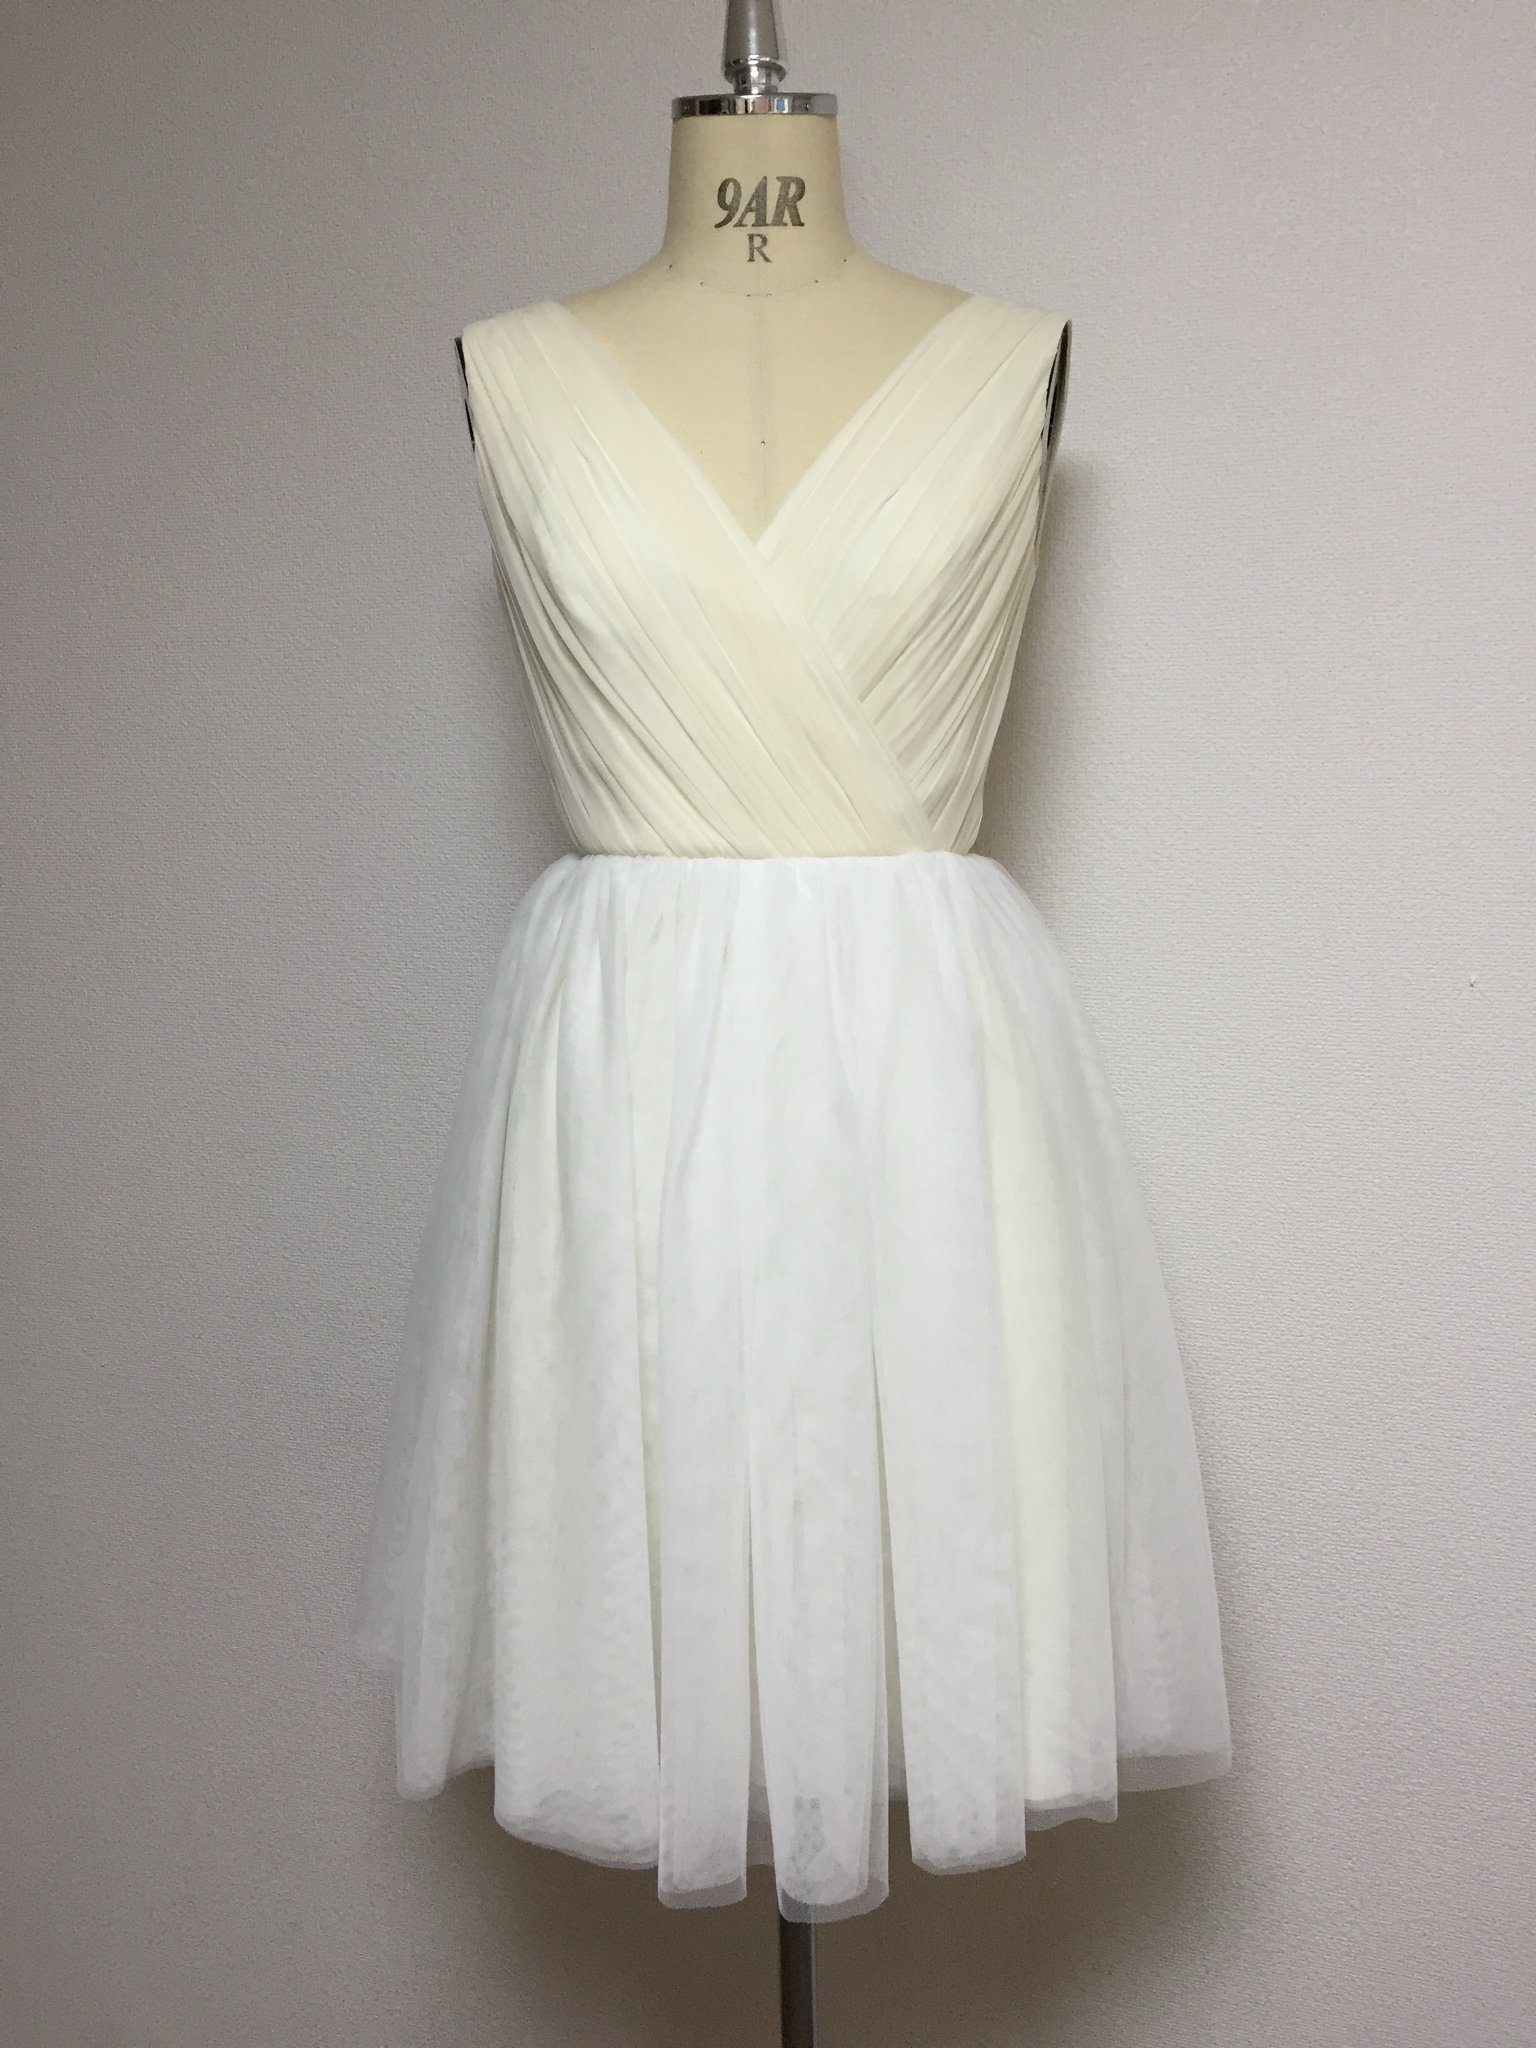 e54a1a8047d9 Ny vit klänning från Zetterberg bal/tyll/midsom.. (354187347) ᐈ Köp ...